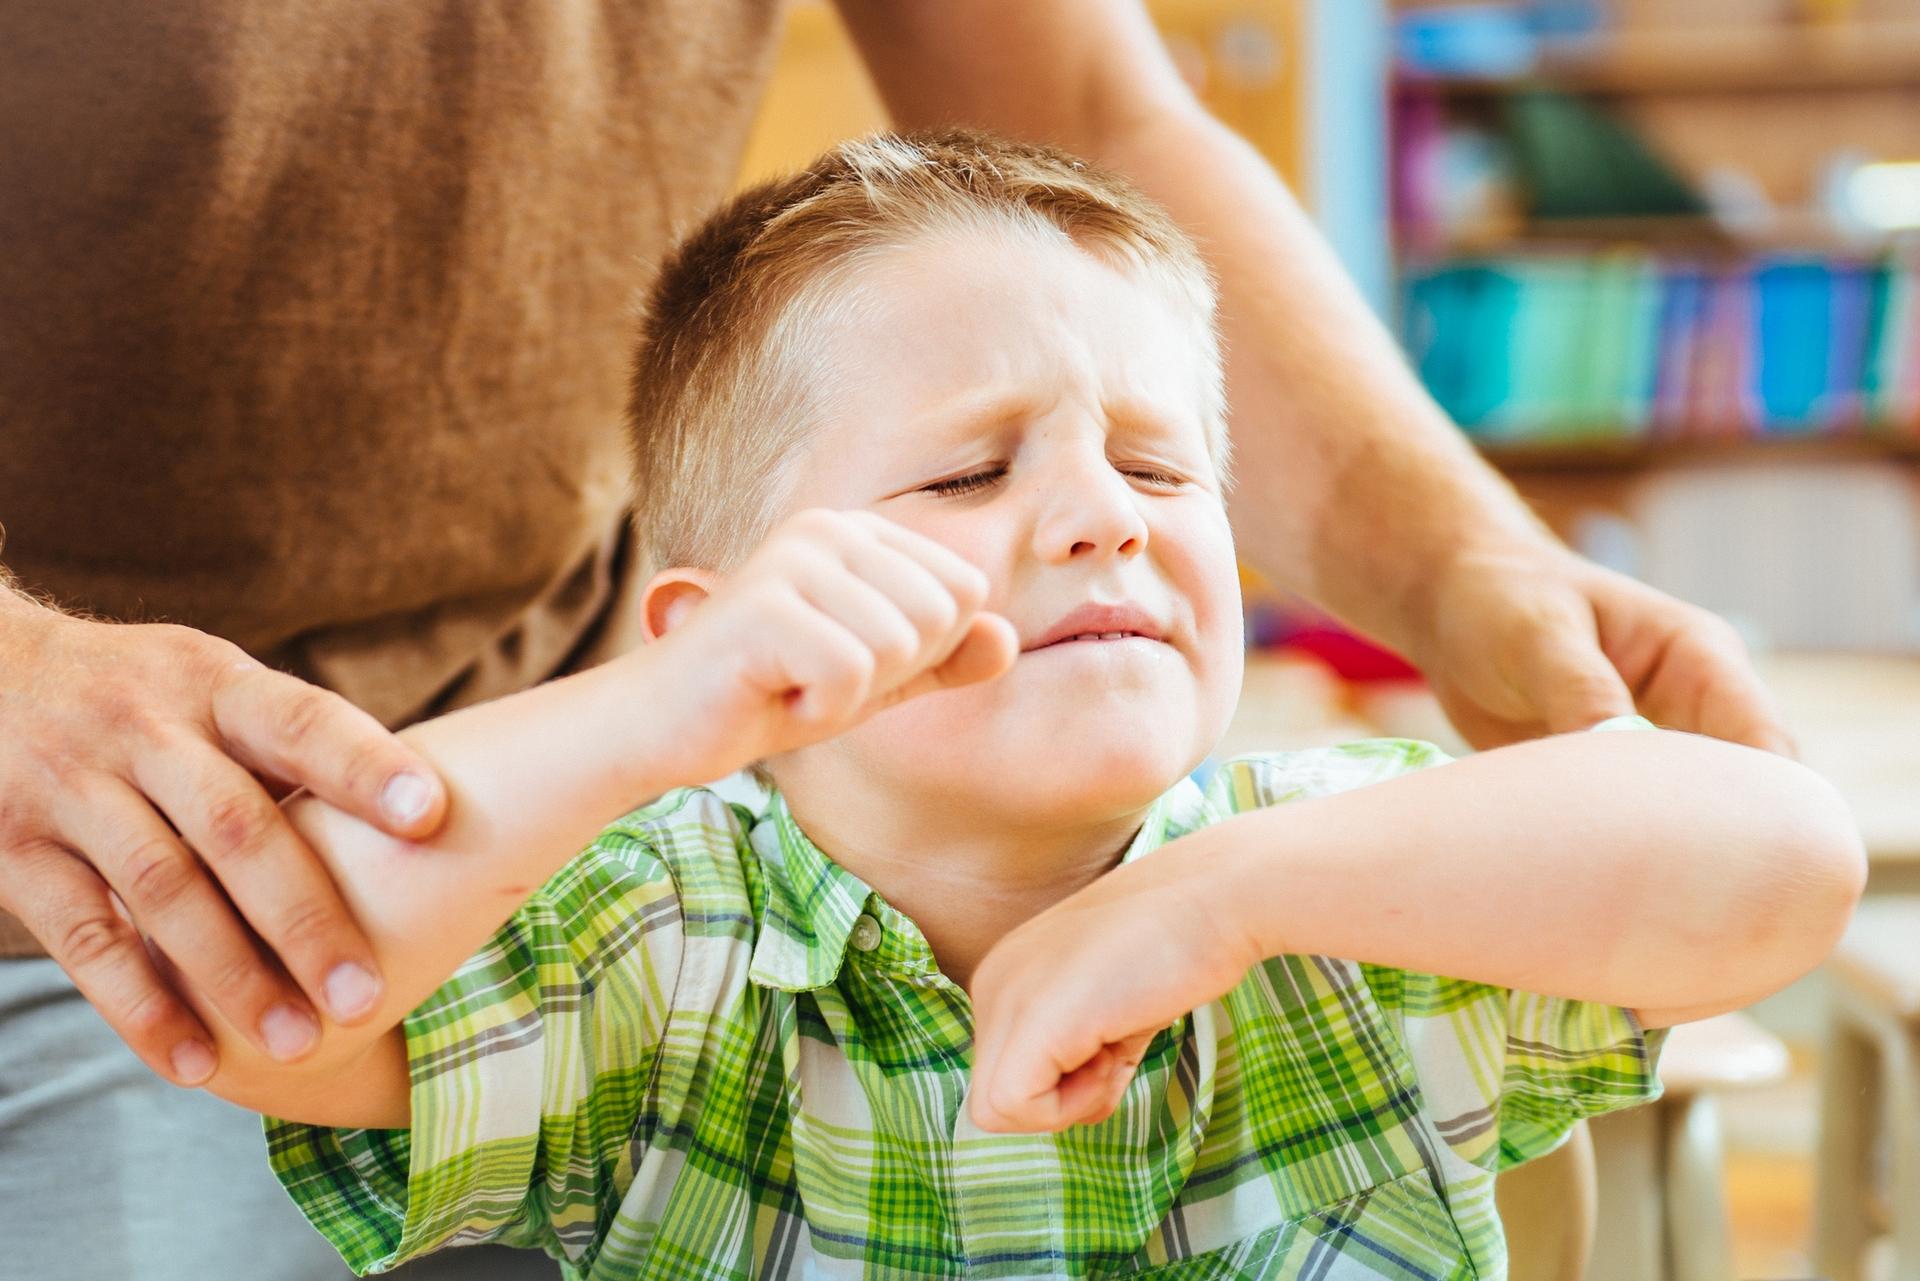 一般小孩可能很活潑、動來動去,但如果願意,還是可以安靜下來專注在同一件事上。過動症則是一種精神性疾病,病患的注意力不集中、活動力很強,而且無法自我控制。目前常用治療方法是服藥,搭配行為療法、心理諮商或感覺統合訓練。<br>  圖片來源│iStock